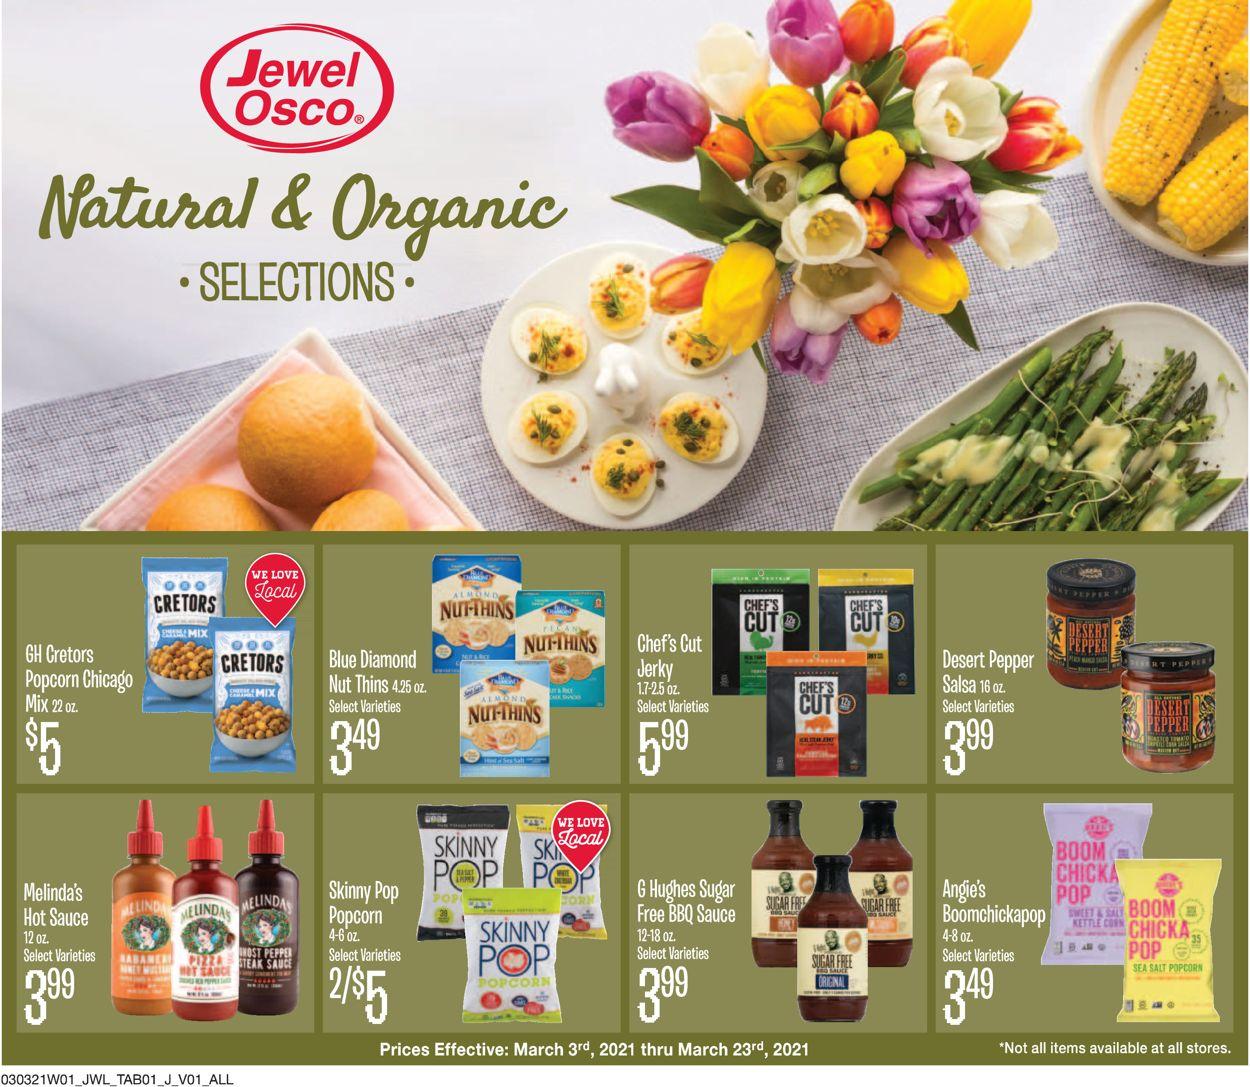 Jewel Osco Weekly Ad Circular - valid 03/03-03/23/2021